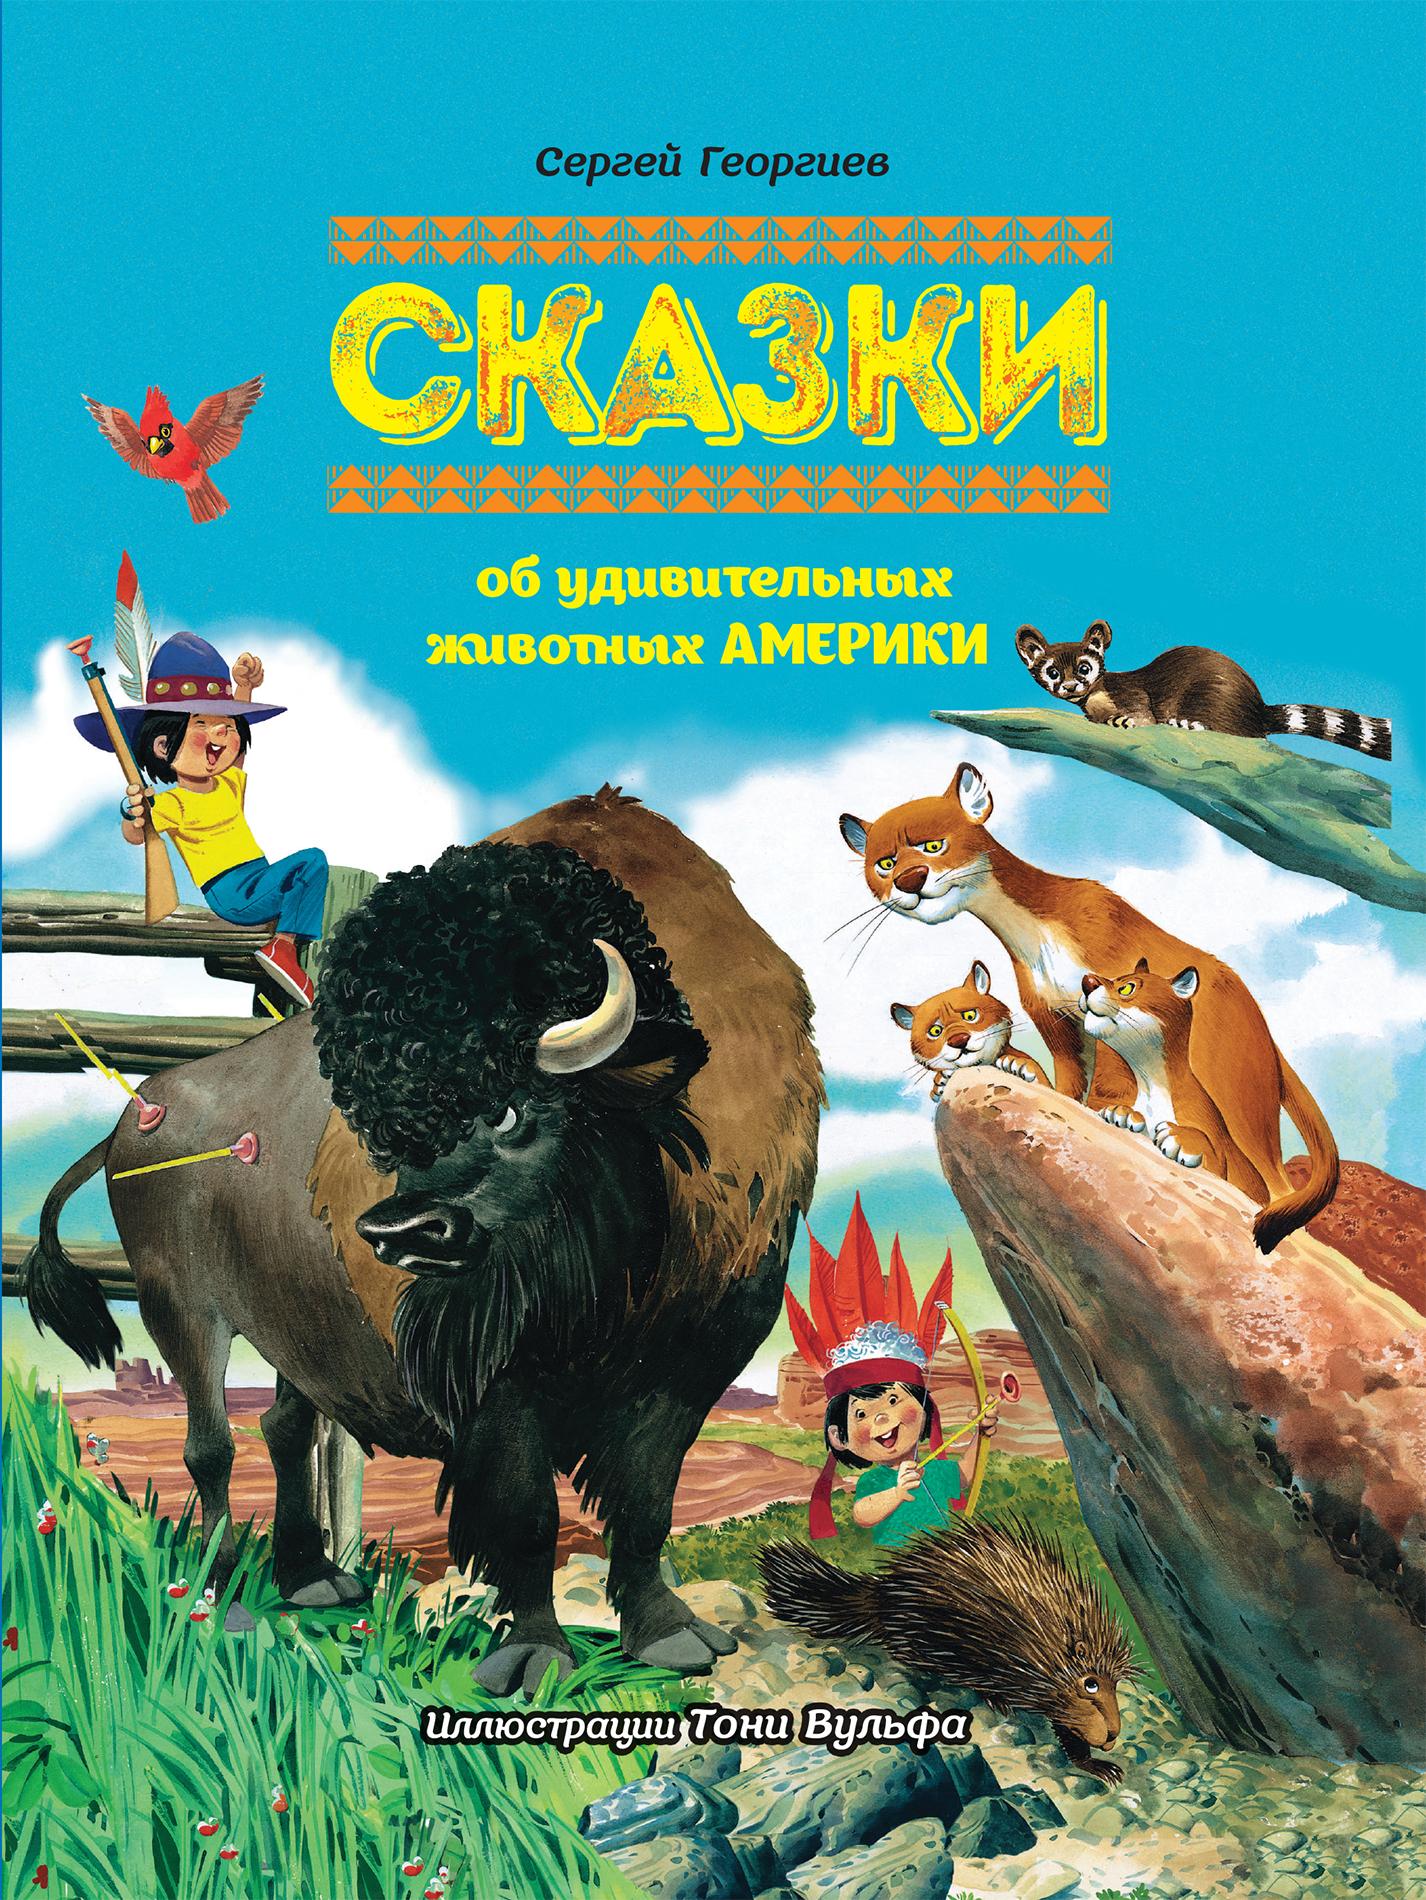 Купить Сказки об удивительных животных Америки, Сергей Георгиев, 978-5-699-82241-6